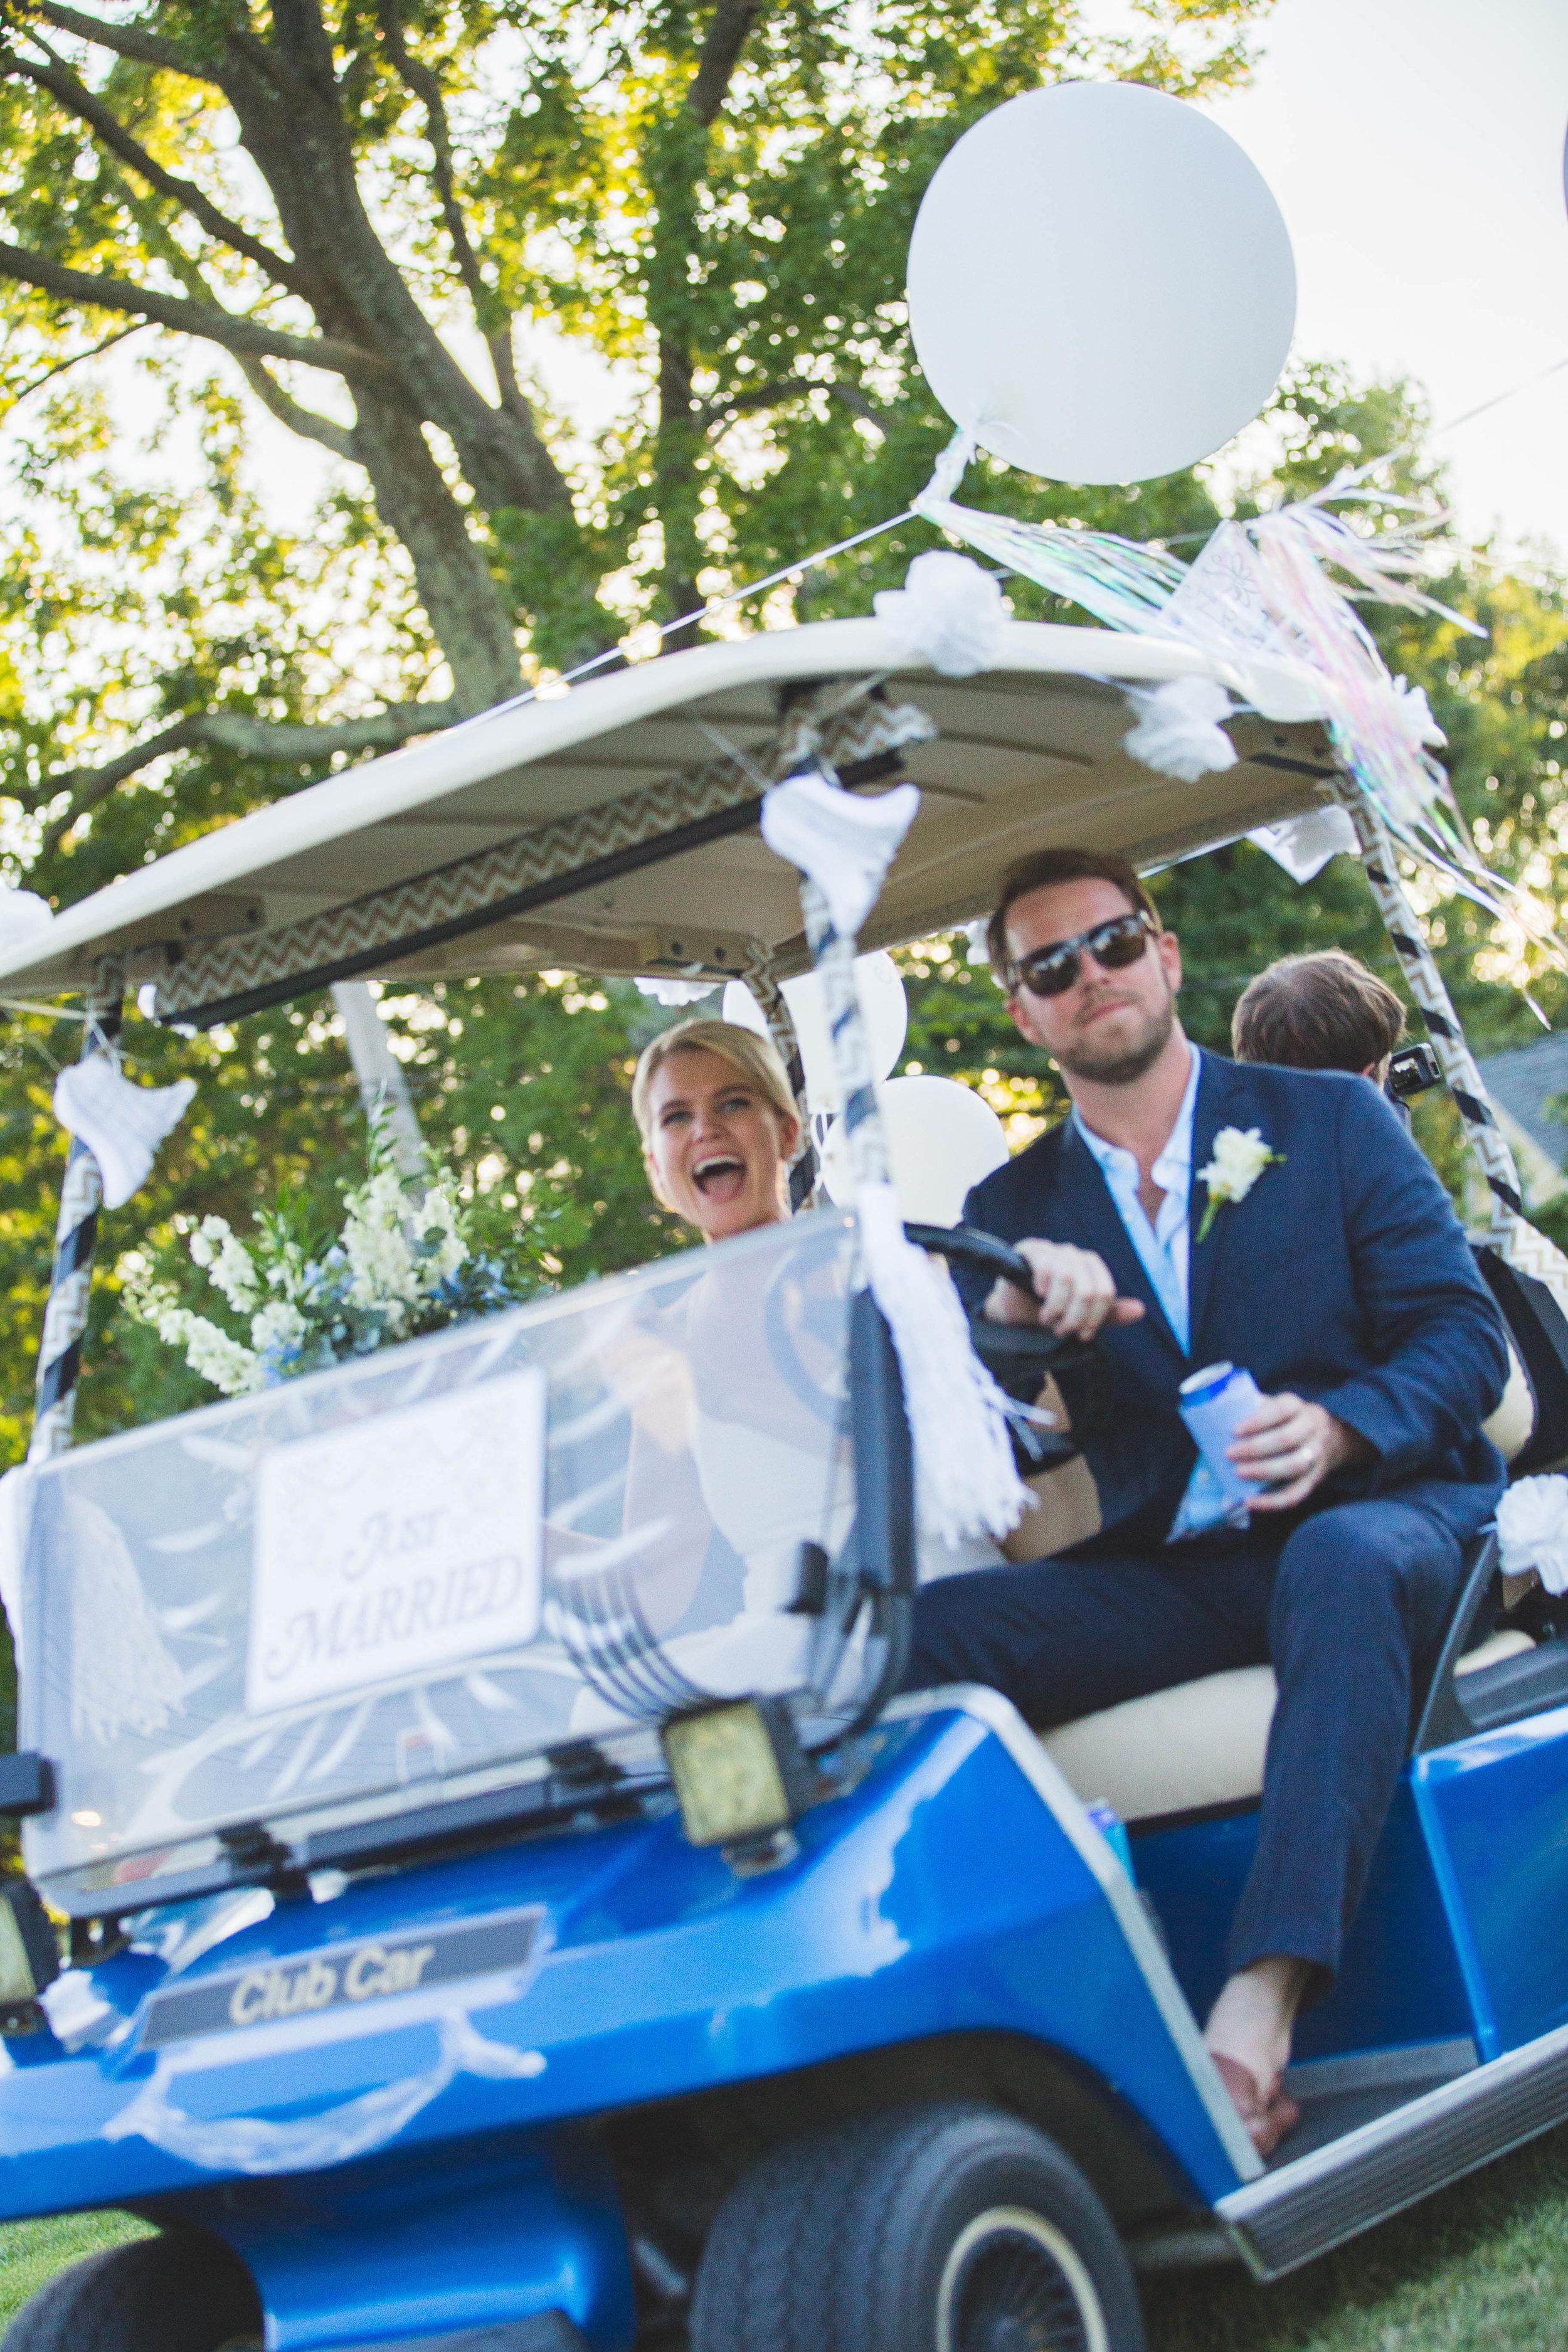 Bethy & Shawn golf cart